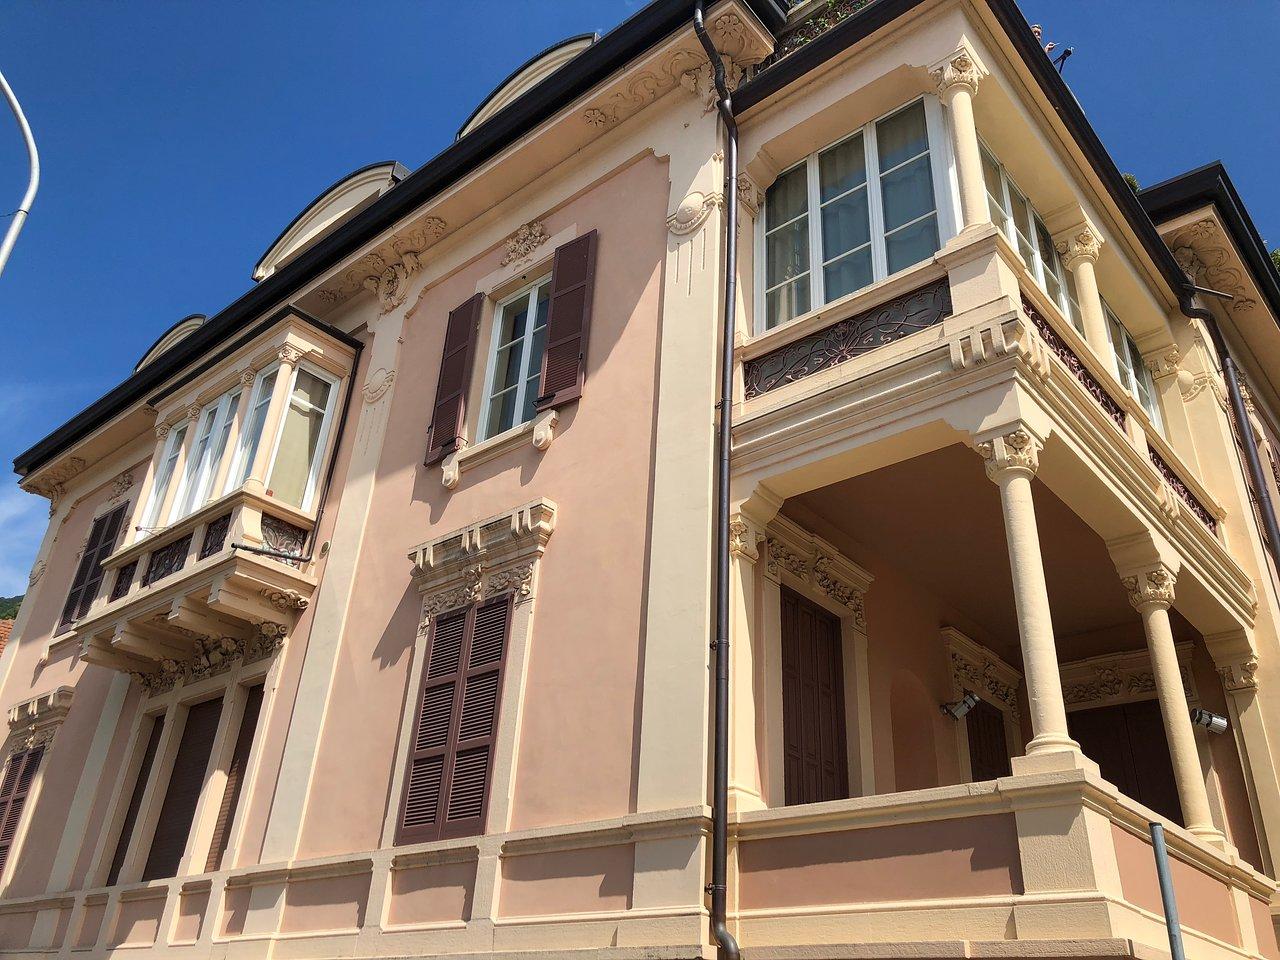 Villa Tarlarini